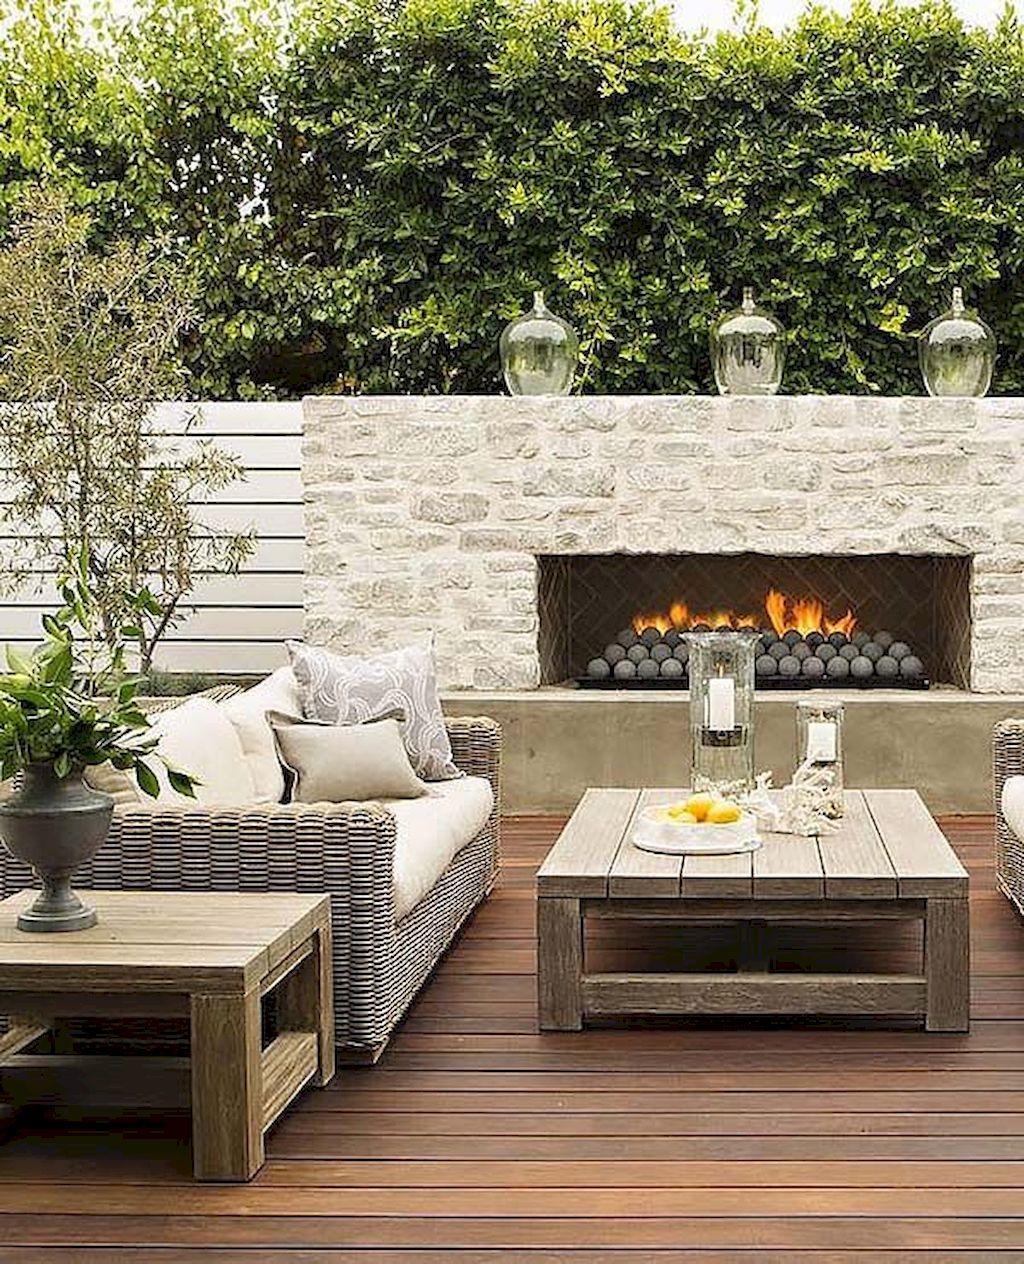 Backyard Fireplace099